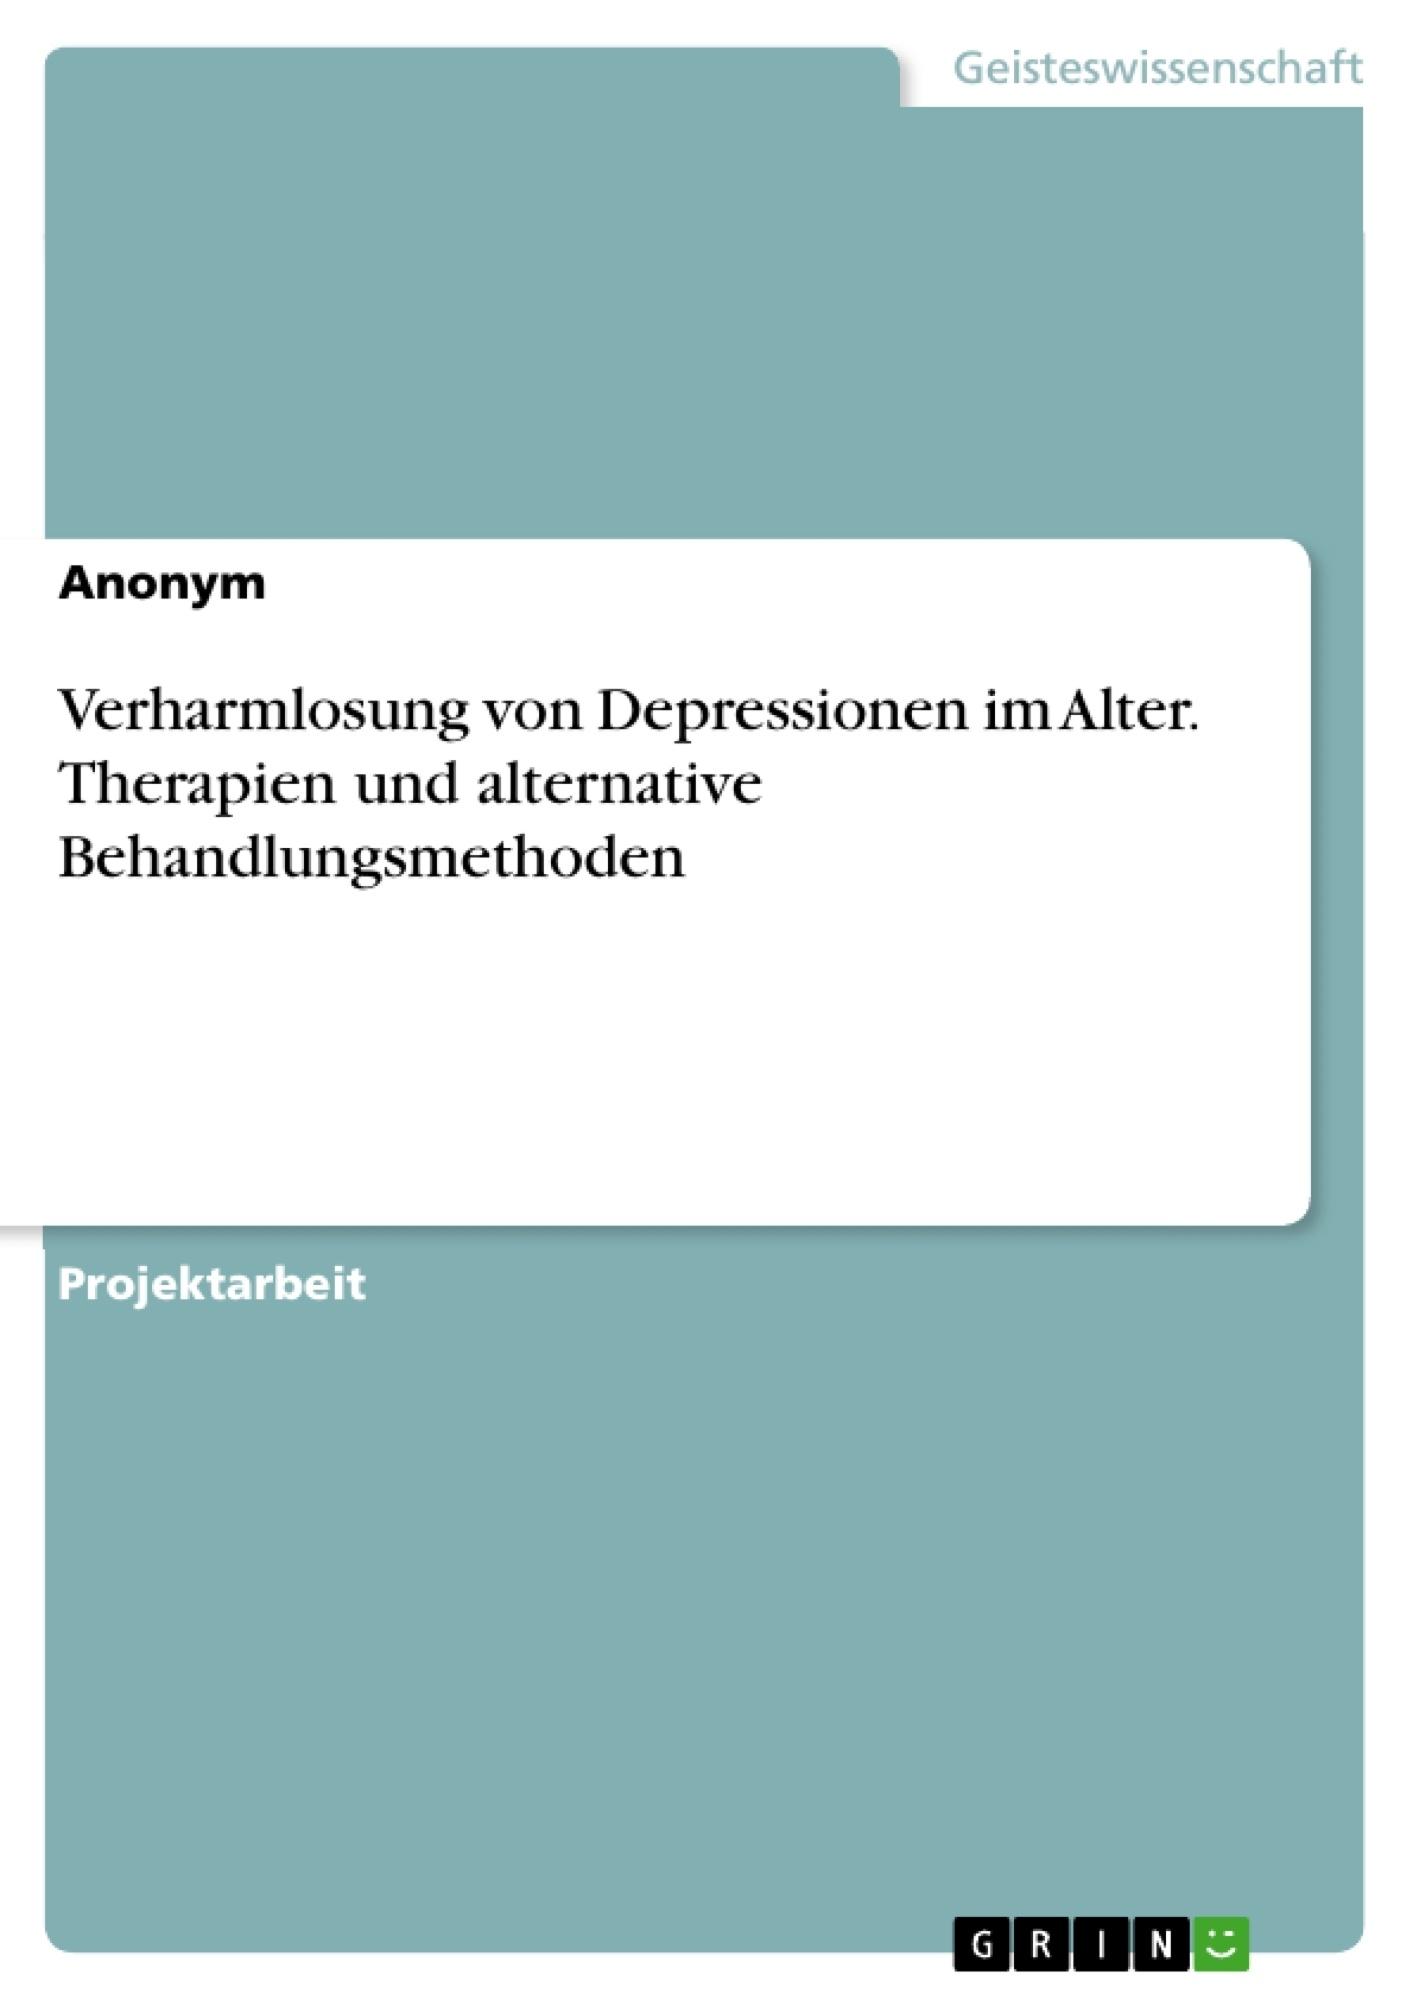 Titel: Verharmlosung von Depressionen im Alter. Therapien und alternative Behandlungsmethoden